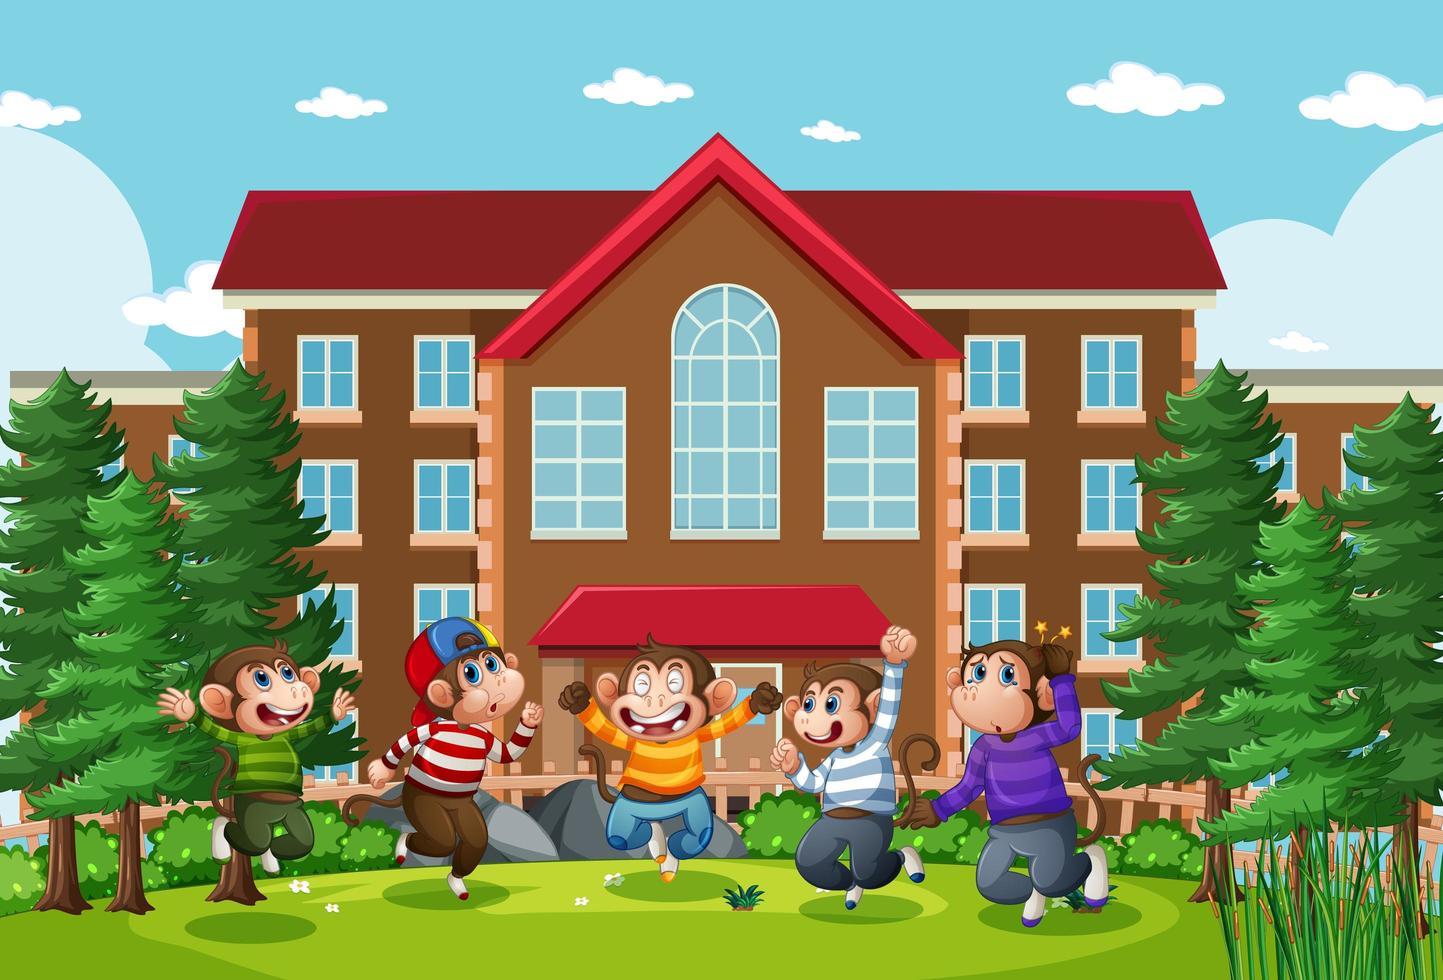 cinco macaquinhos pulando na cena escolar do parque vetor